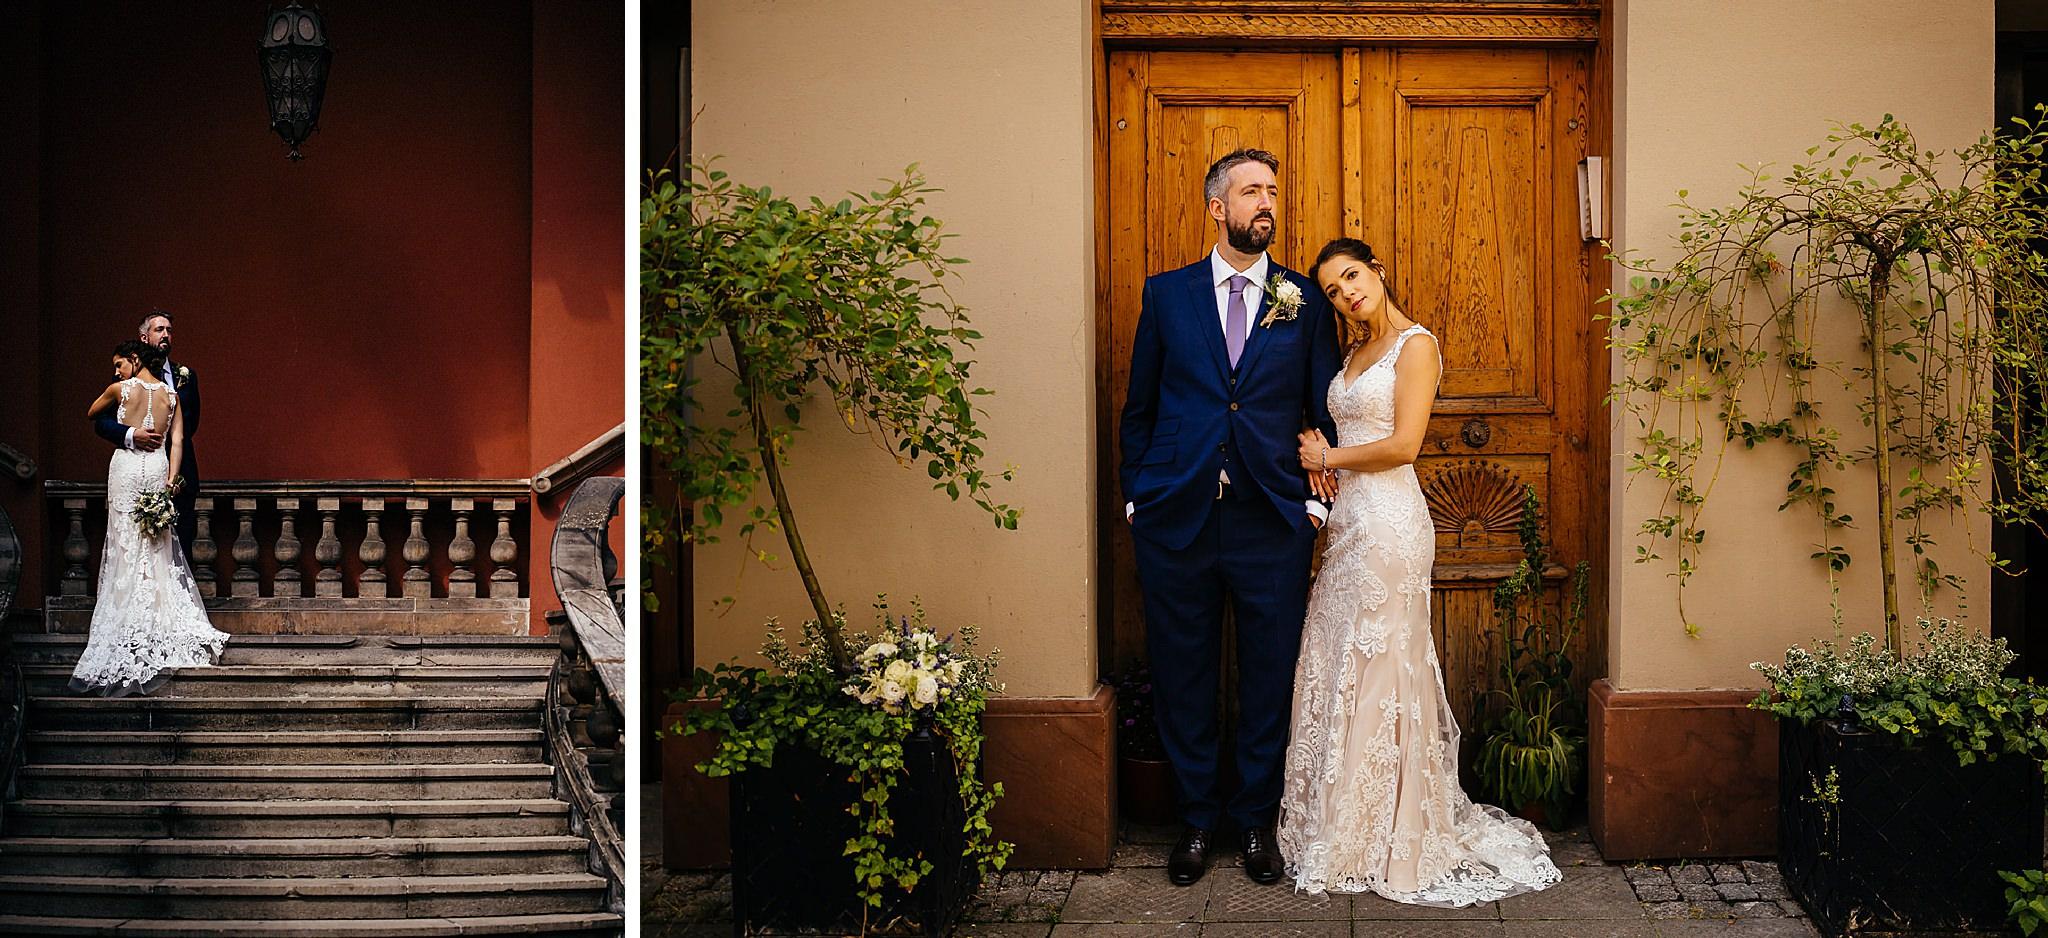 2018,Andrzejewski Pawel,Fotografia slubna,Poznań,Spot,Wedding photography,www.andrzejewskipawel.com,